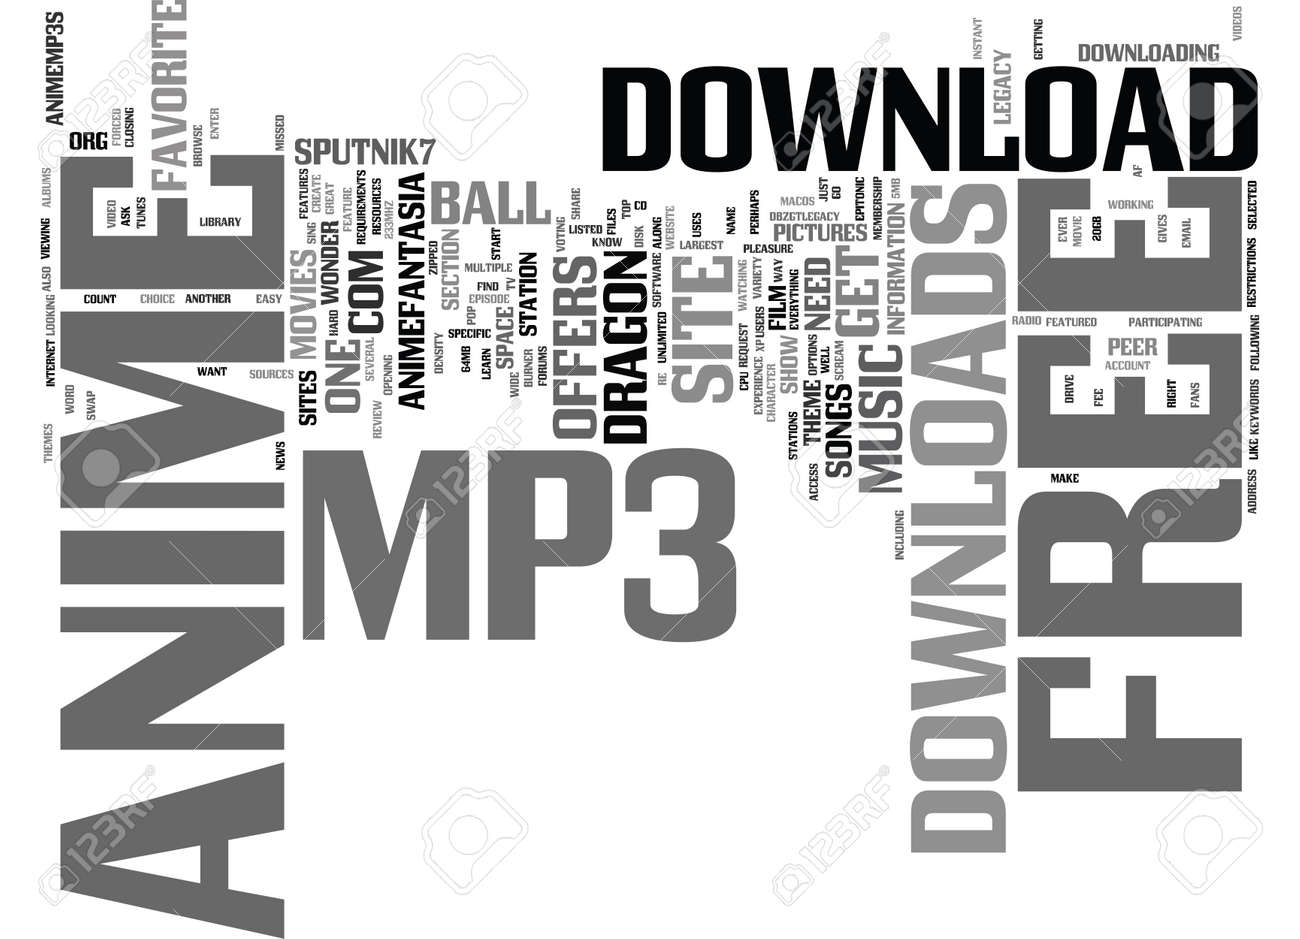 無料アニメ Mp ダウンロード テキスト背景単語雲概念のイラスト素材